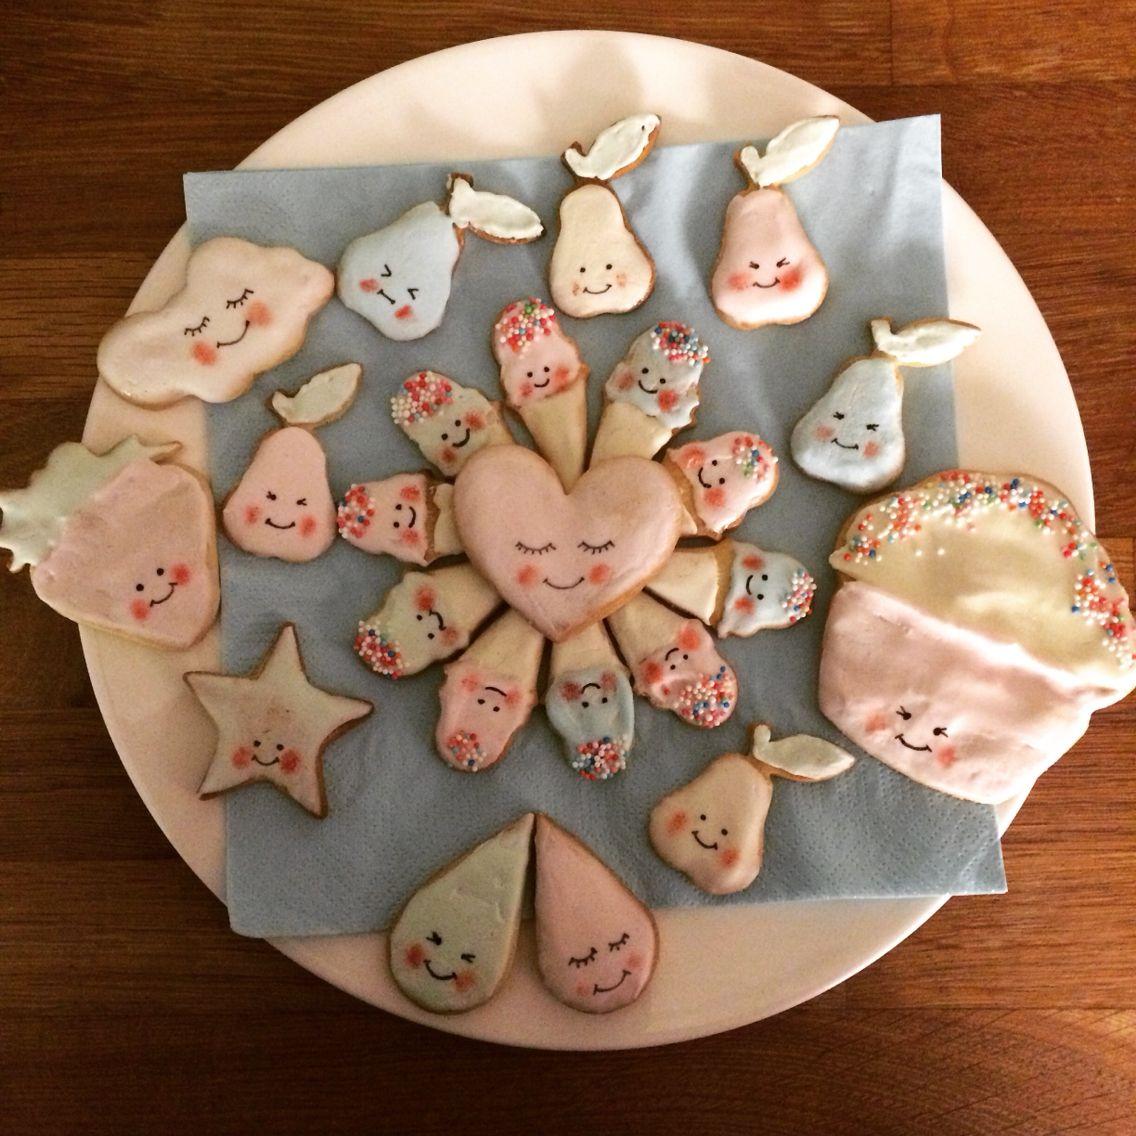 Kawaii cookies home made